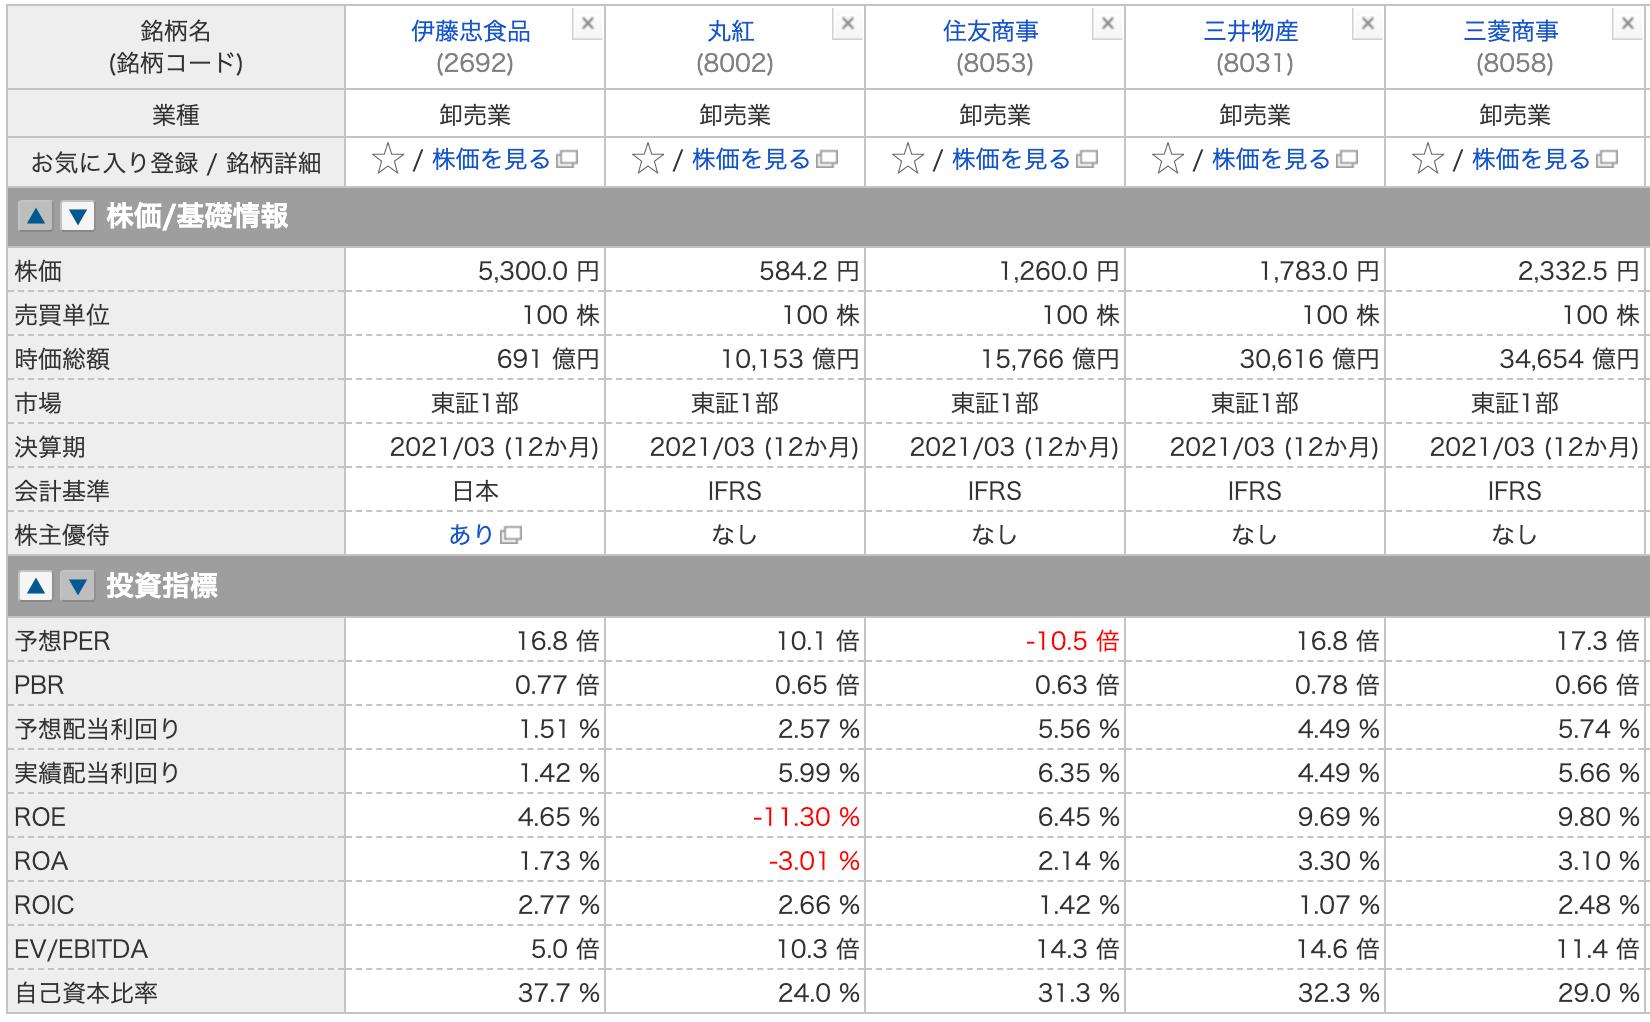 【配当株】バフェットも買った日本の五大商社についての比較・分析1